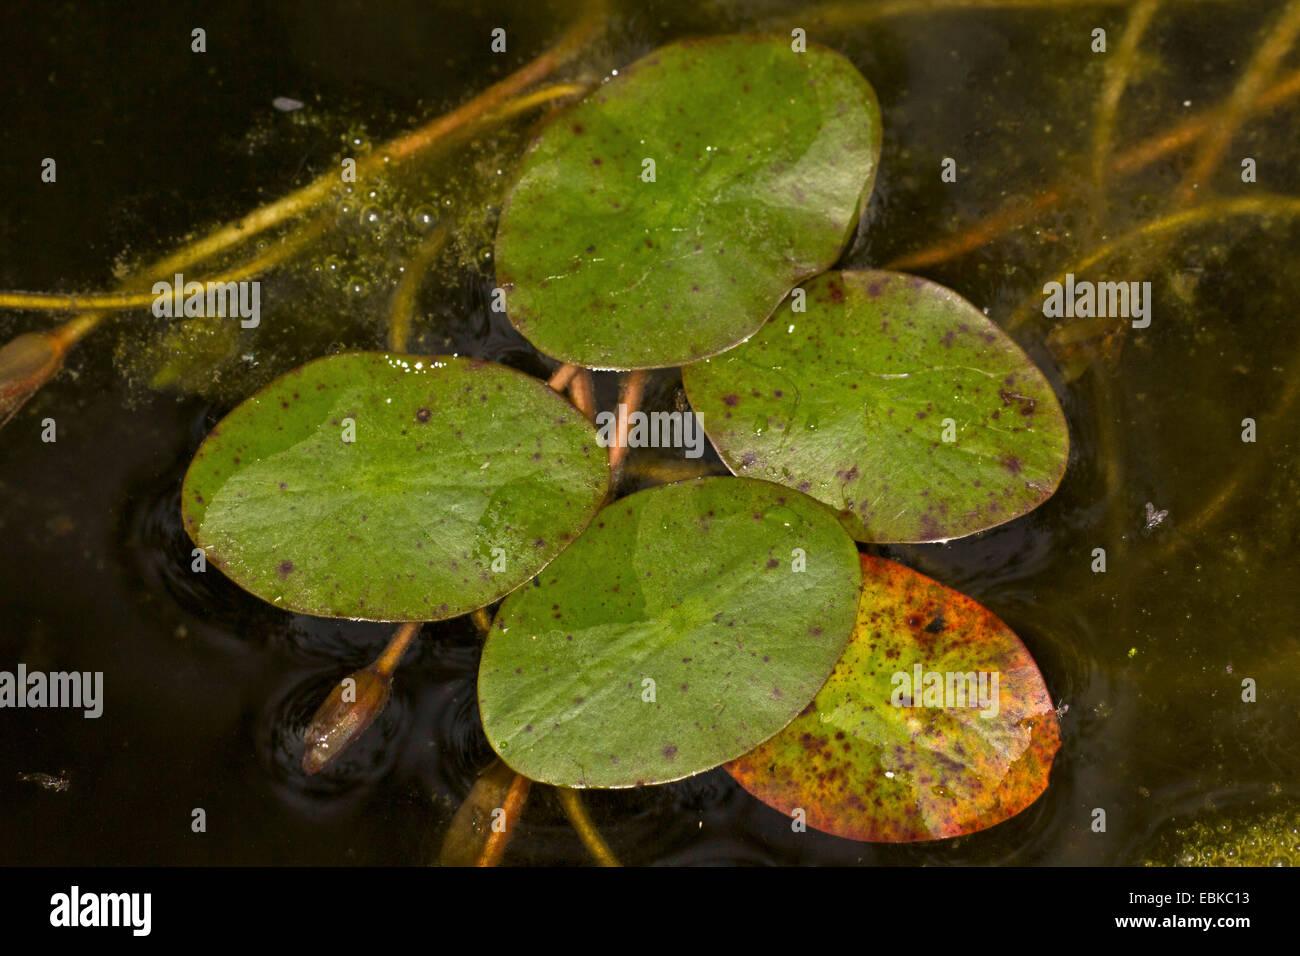 Protection de l'eau, l'eau, bonnet Dollar cible (Brasenia schreberi, Hydropeltis purpurea, Brasenia purpurea), Photo Stock